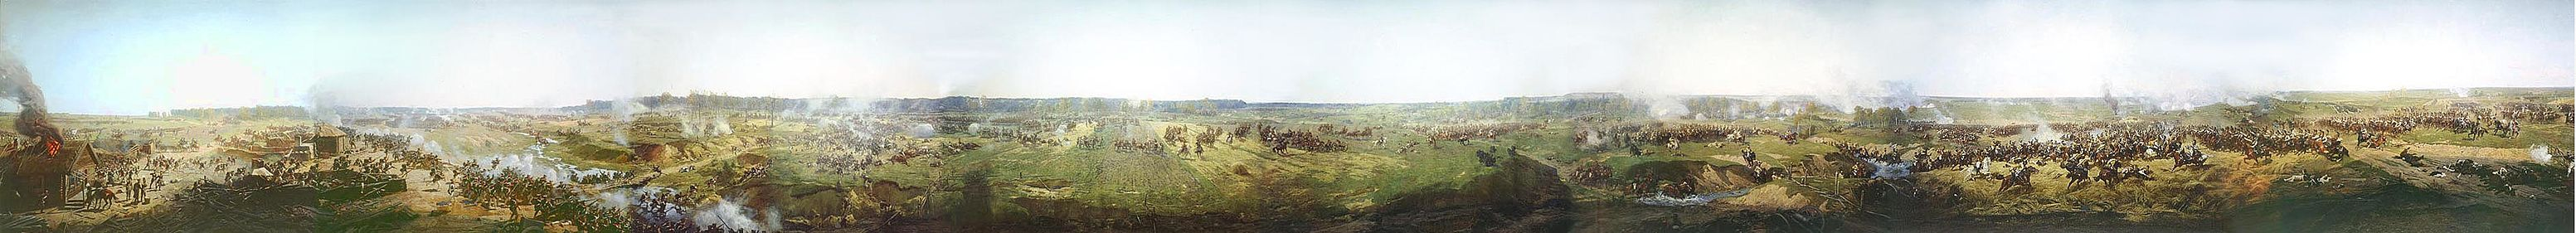 Франц Рубо, полотно панорамы «Бородинская битва»